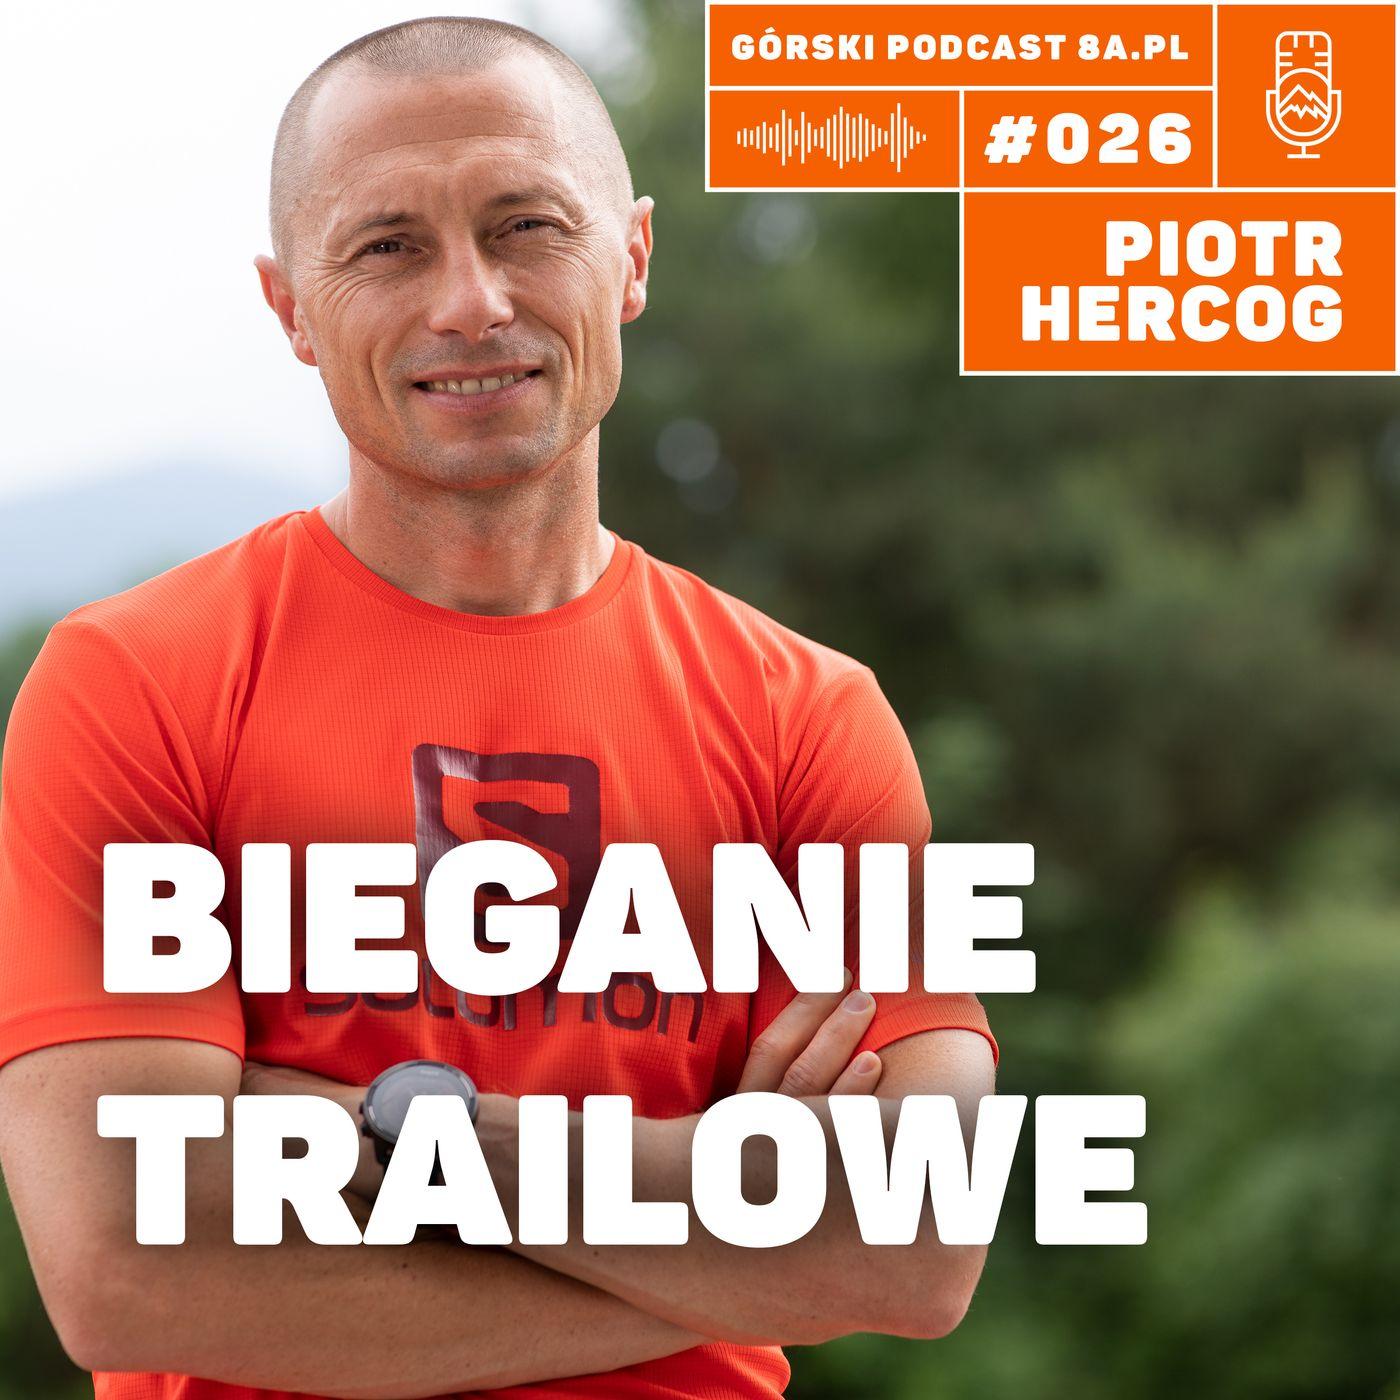 #026 8a.pl - Piotr Hercog. Bieganie po górach